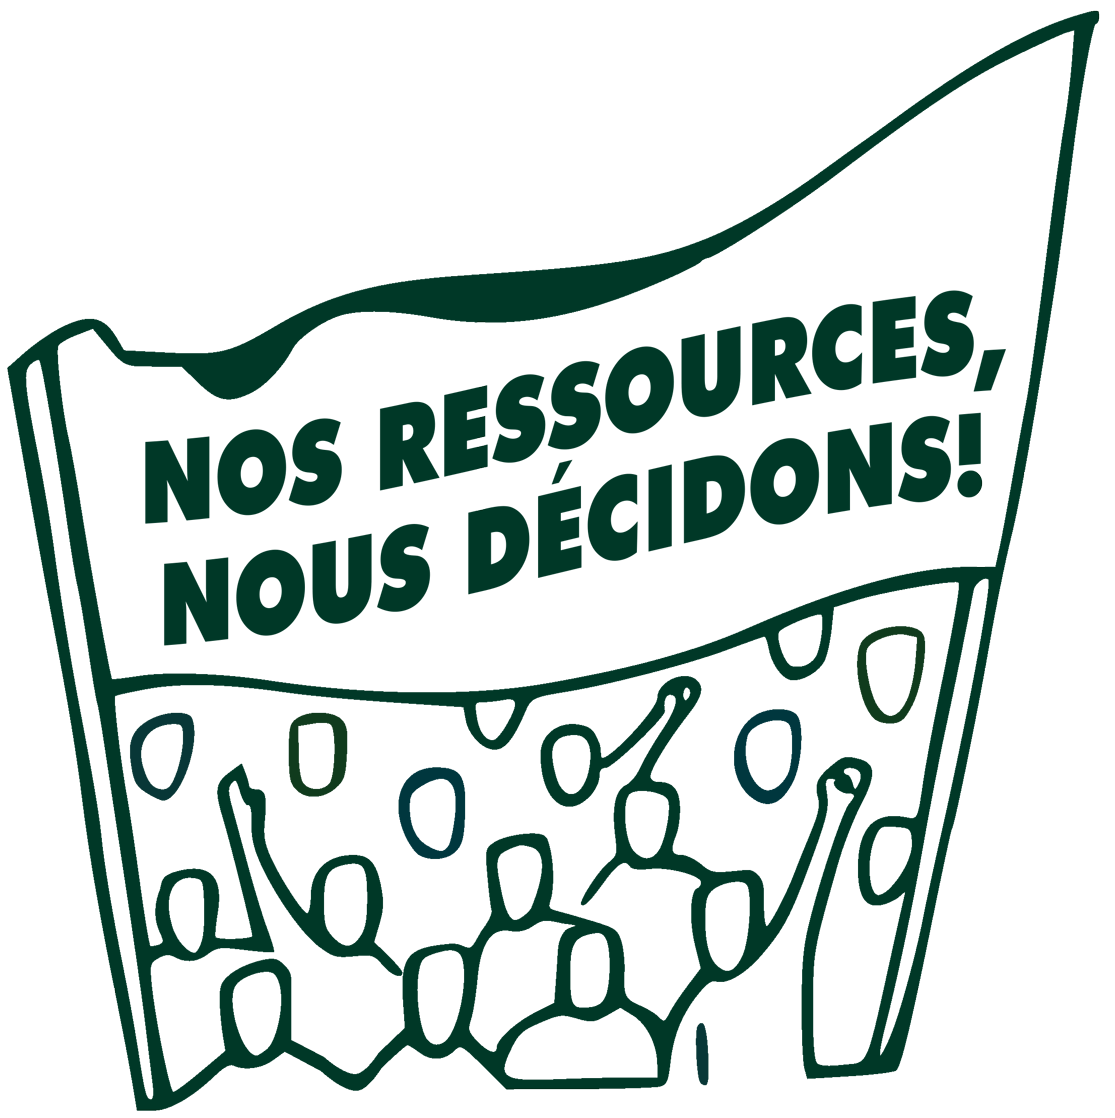 http://www.cpcml.ca/francais/Images2019/RenouveauDemocratique/OurResourcesWeDecideGrn-FR.png